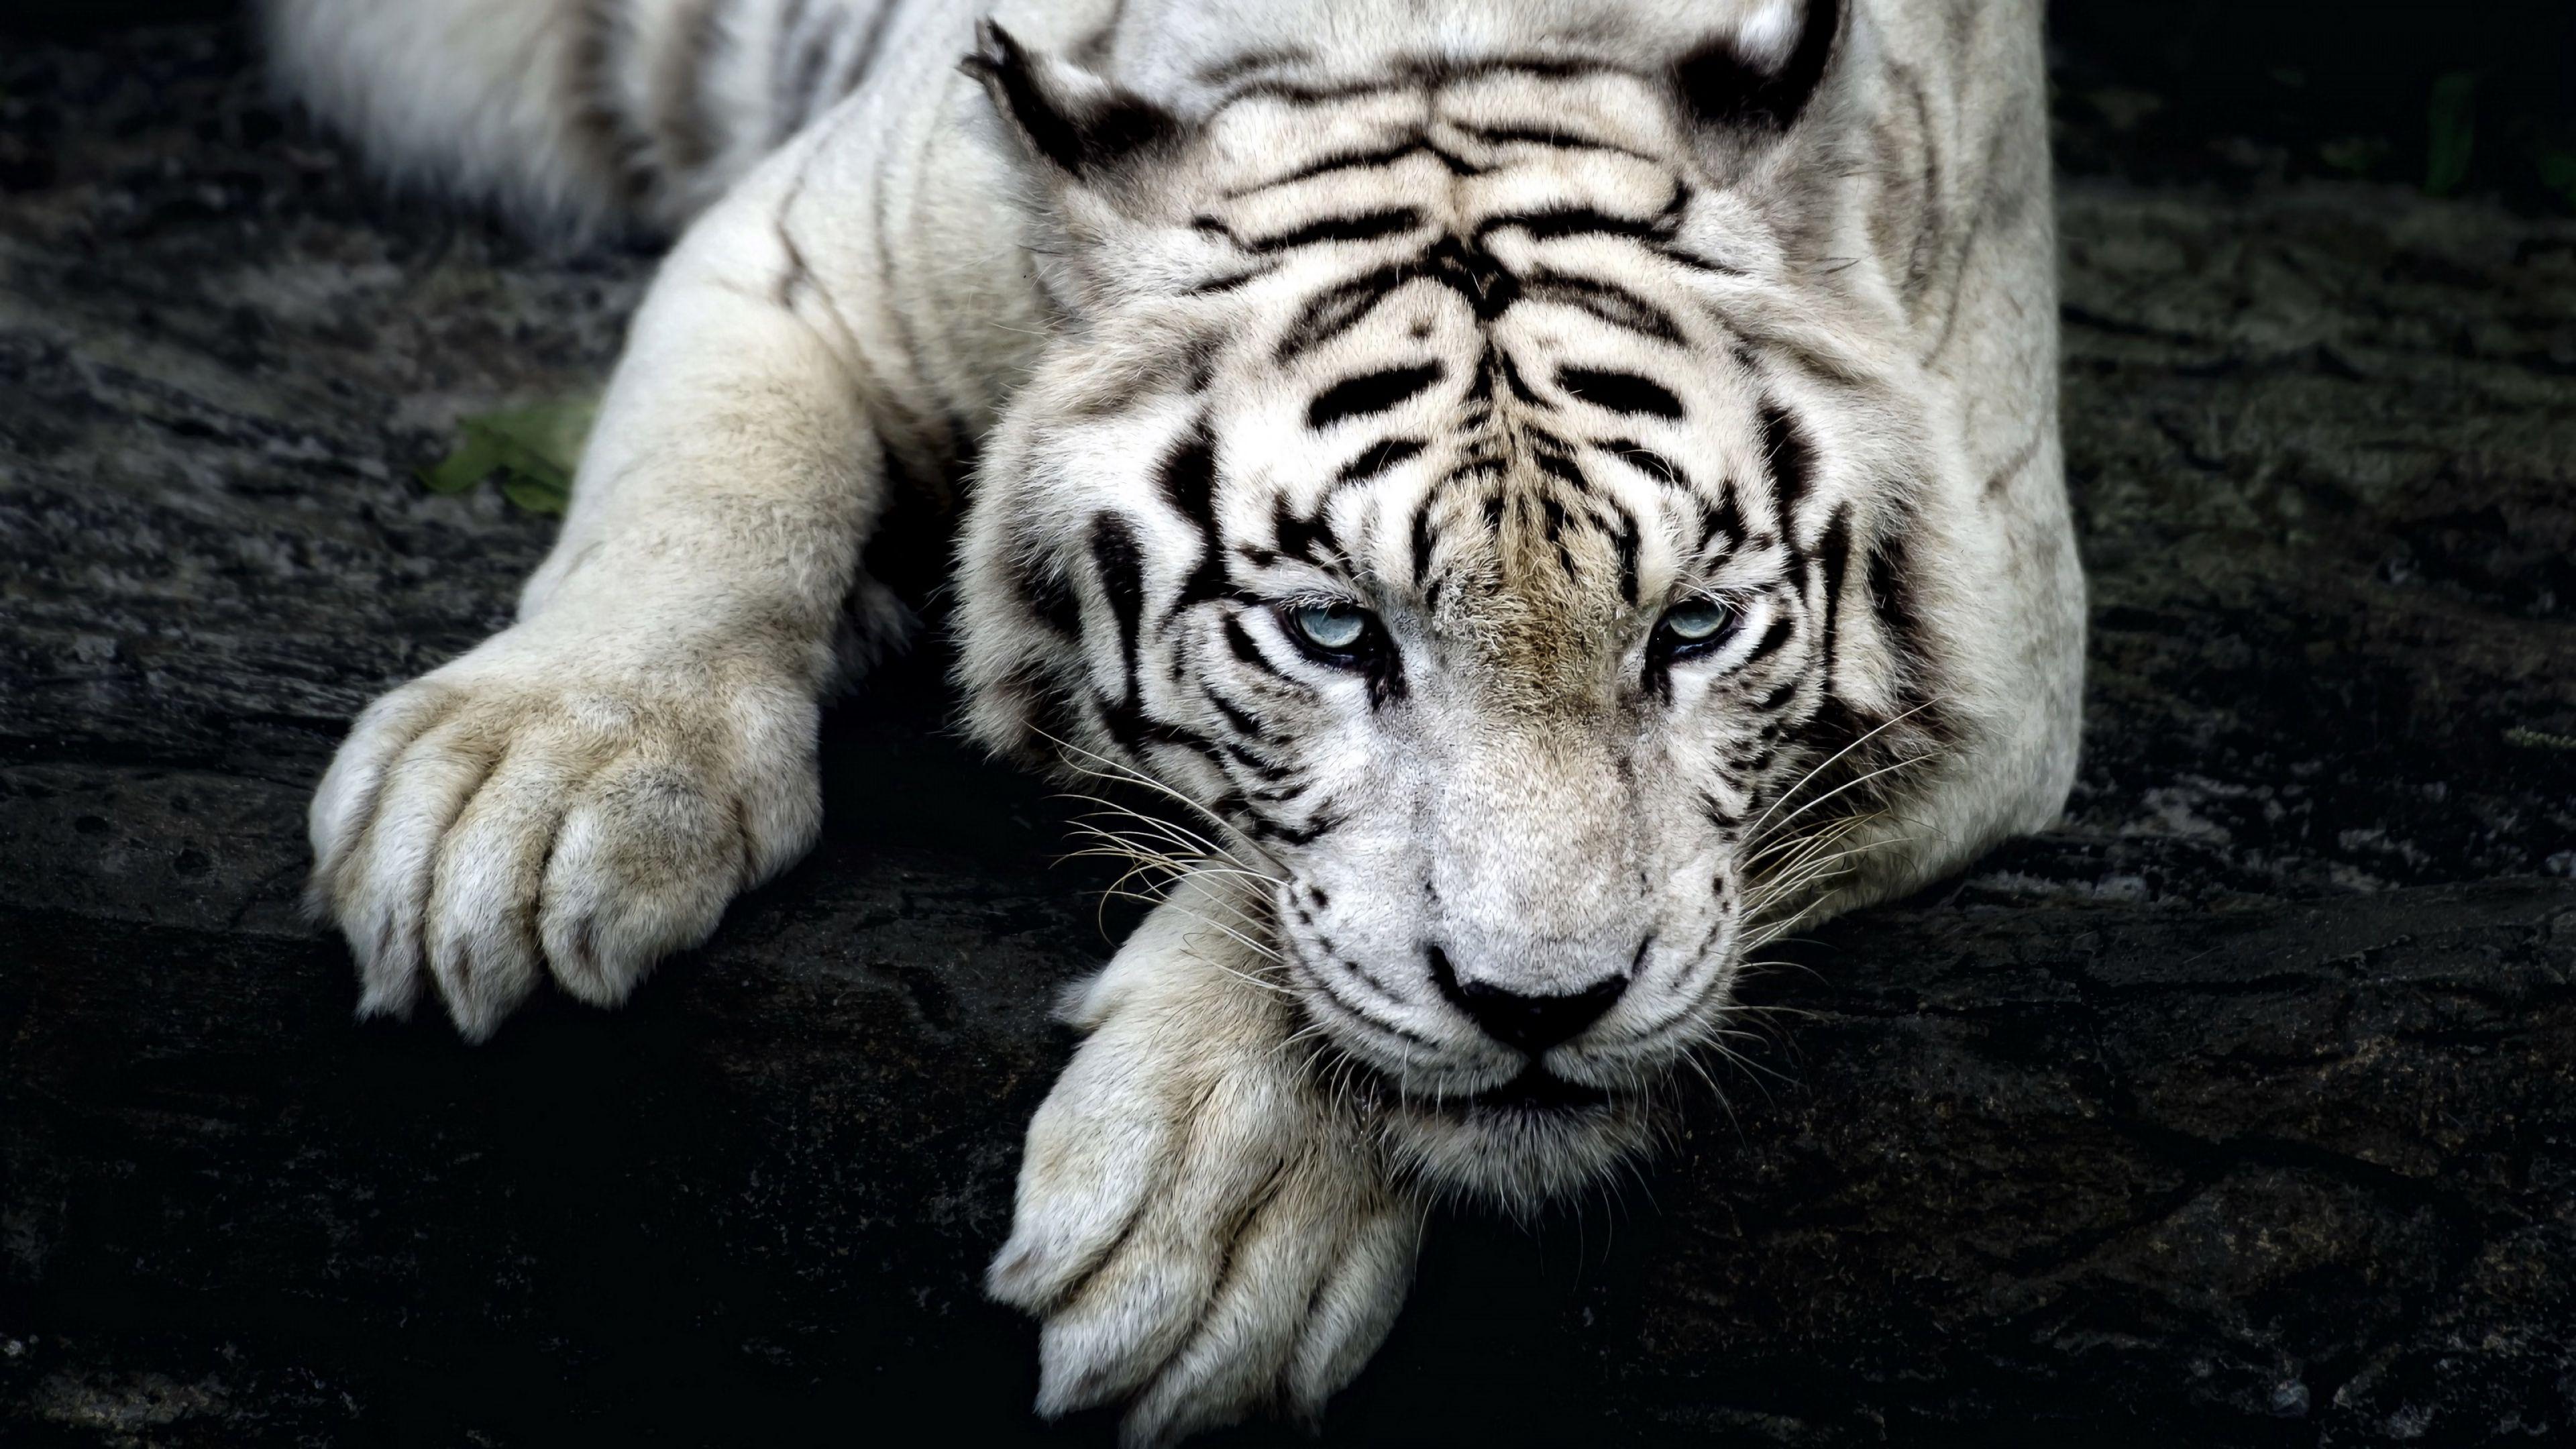 109956 Protetores de tela e papéis de parede Opinião em seu telefone. Baixe Animais, Predator, Predador, Visão, Opinião, Tigre, Tigre Branco, Pata fotos gratuitamente